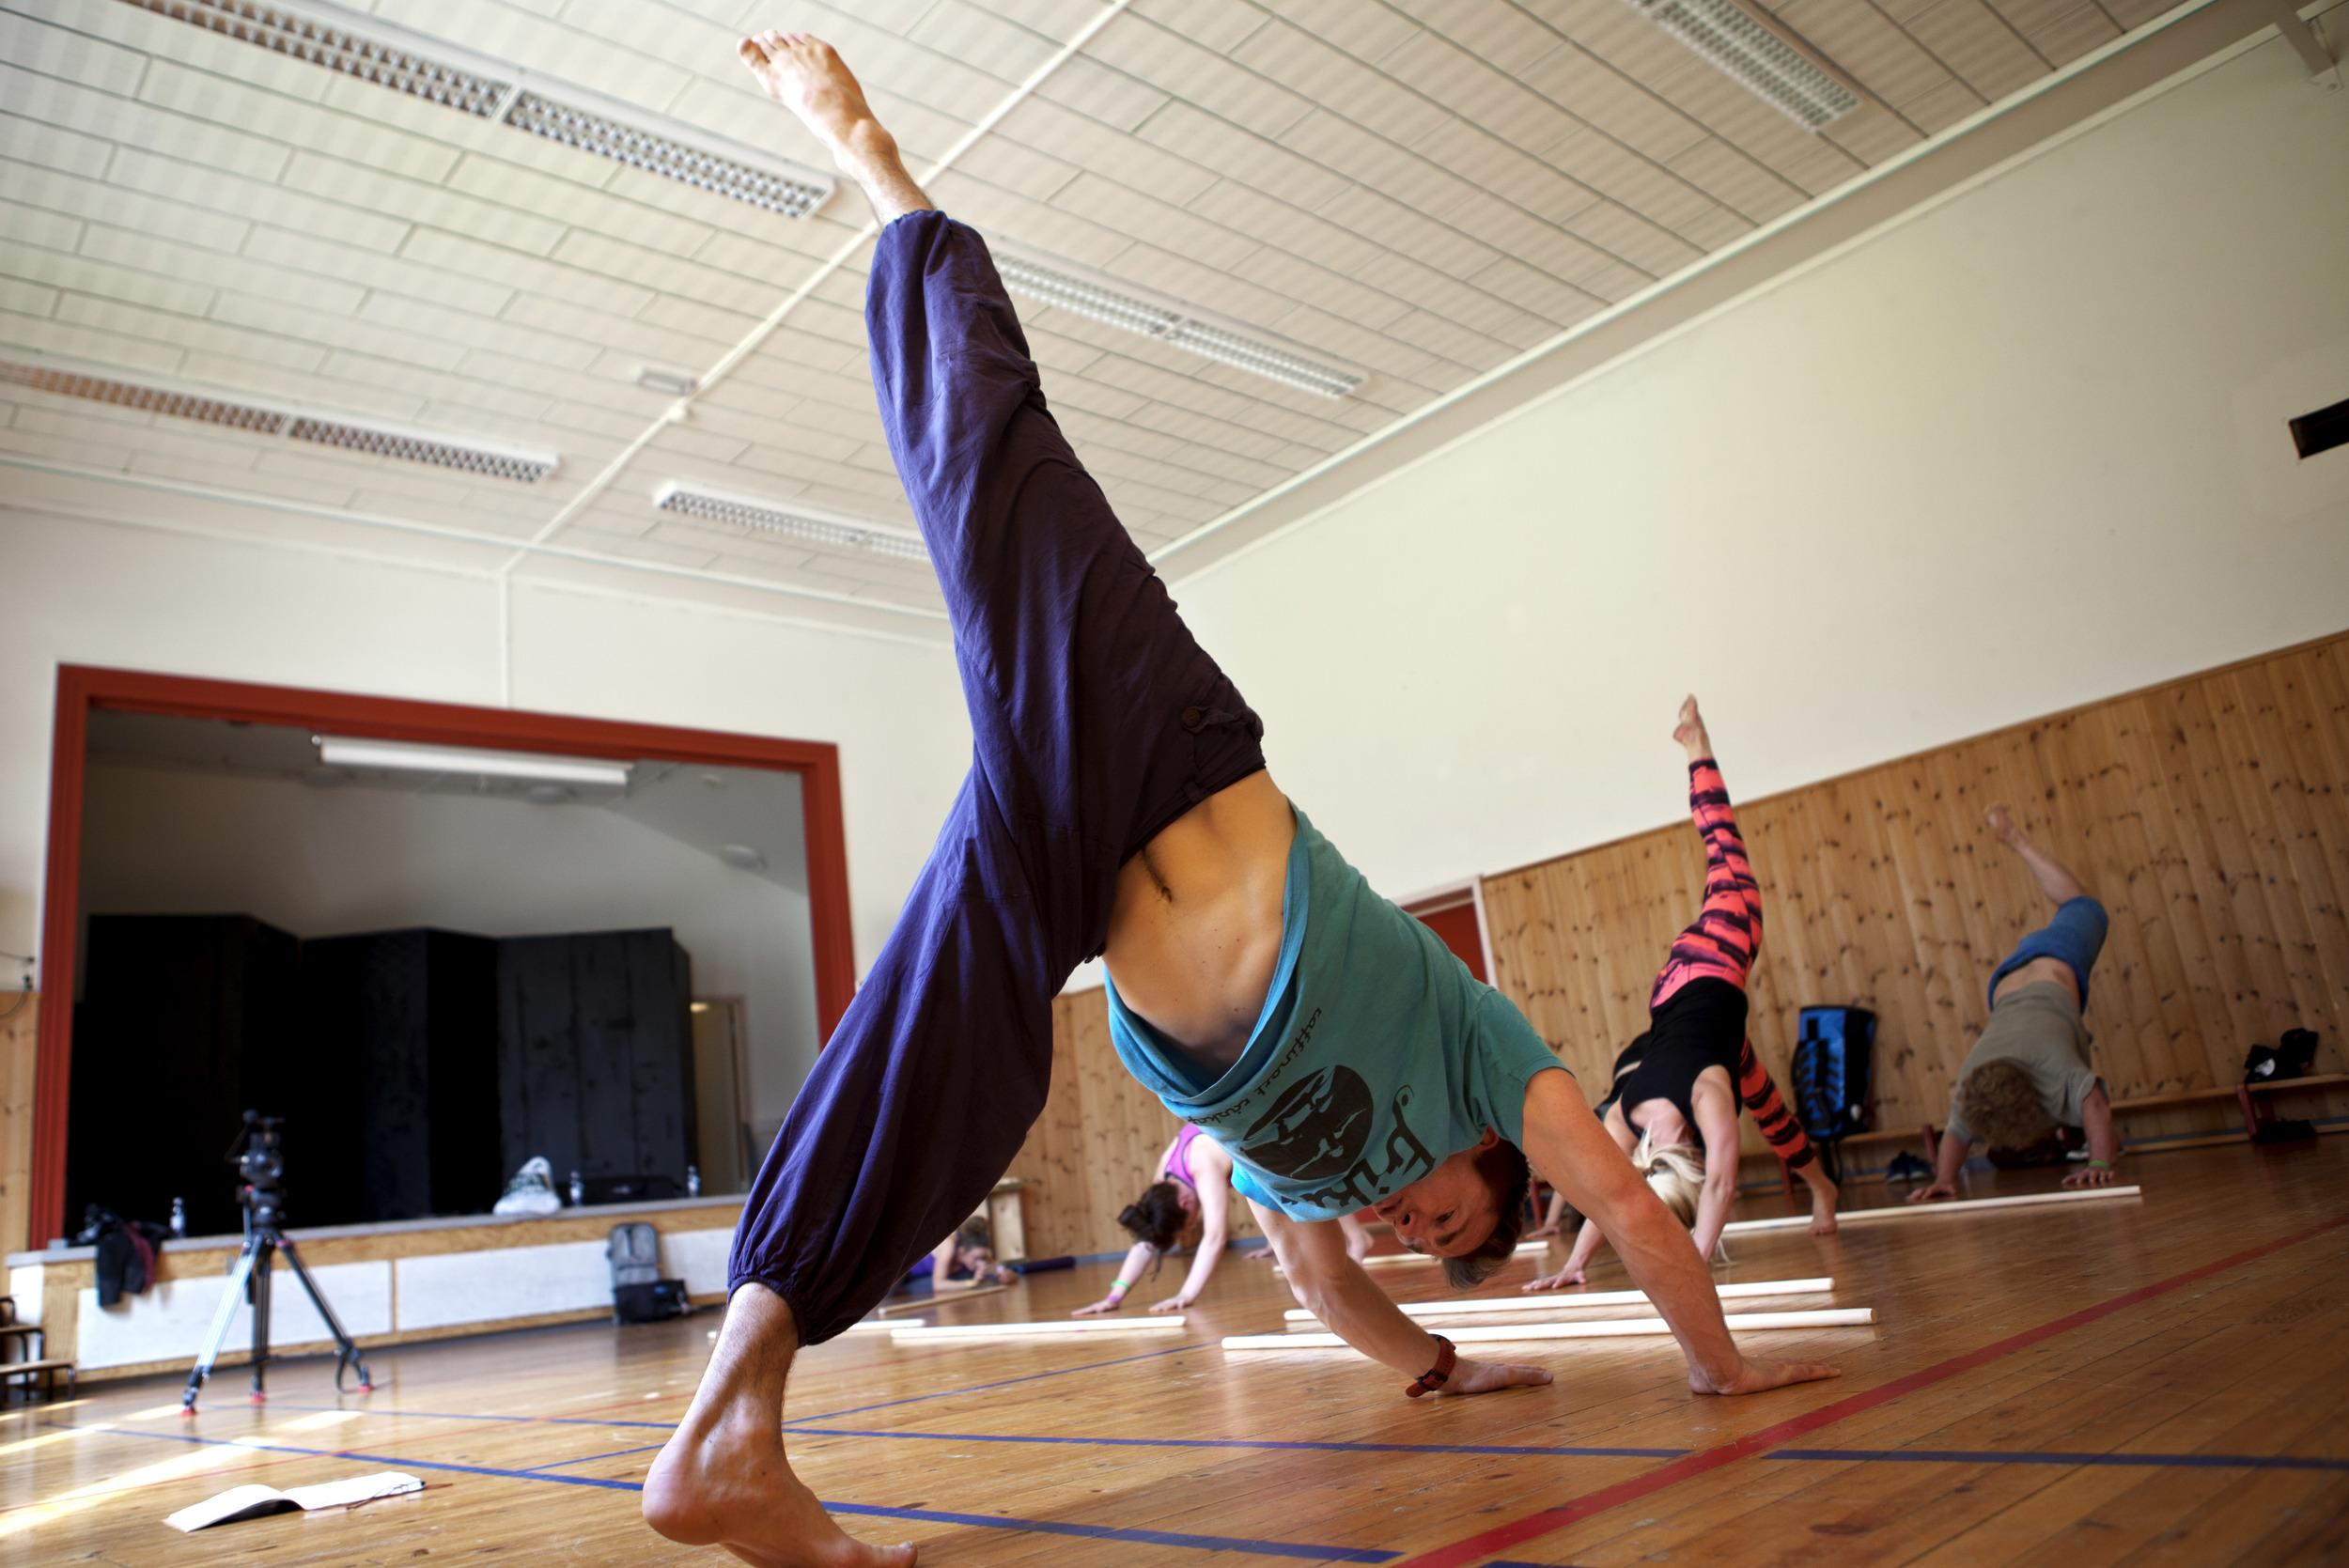 IMG_3715 -gokarma yoga - 2. juli - førde barneskule - heidi hattestein.jpg